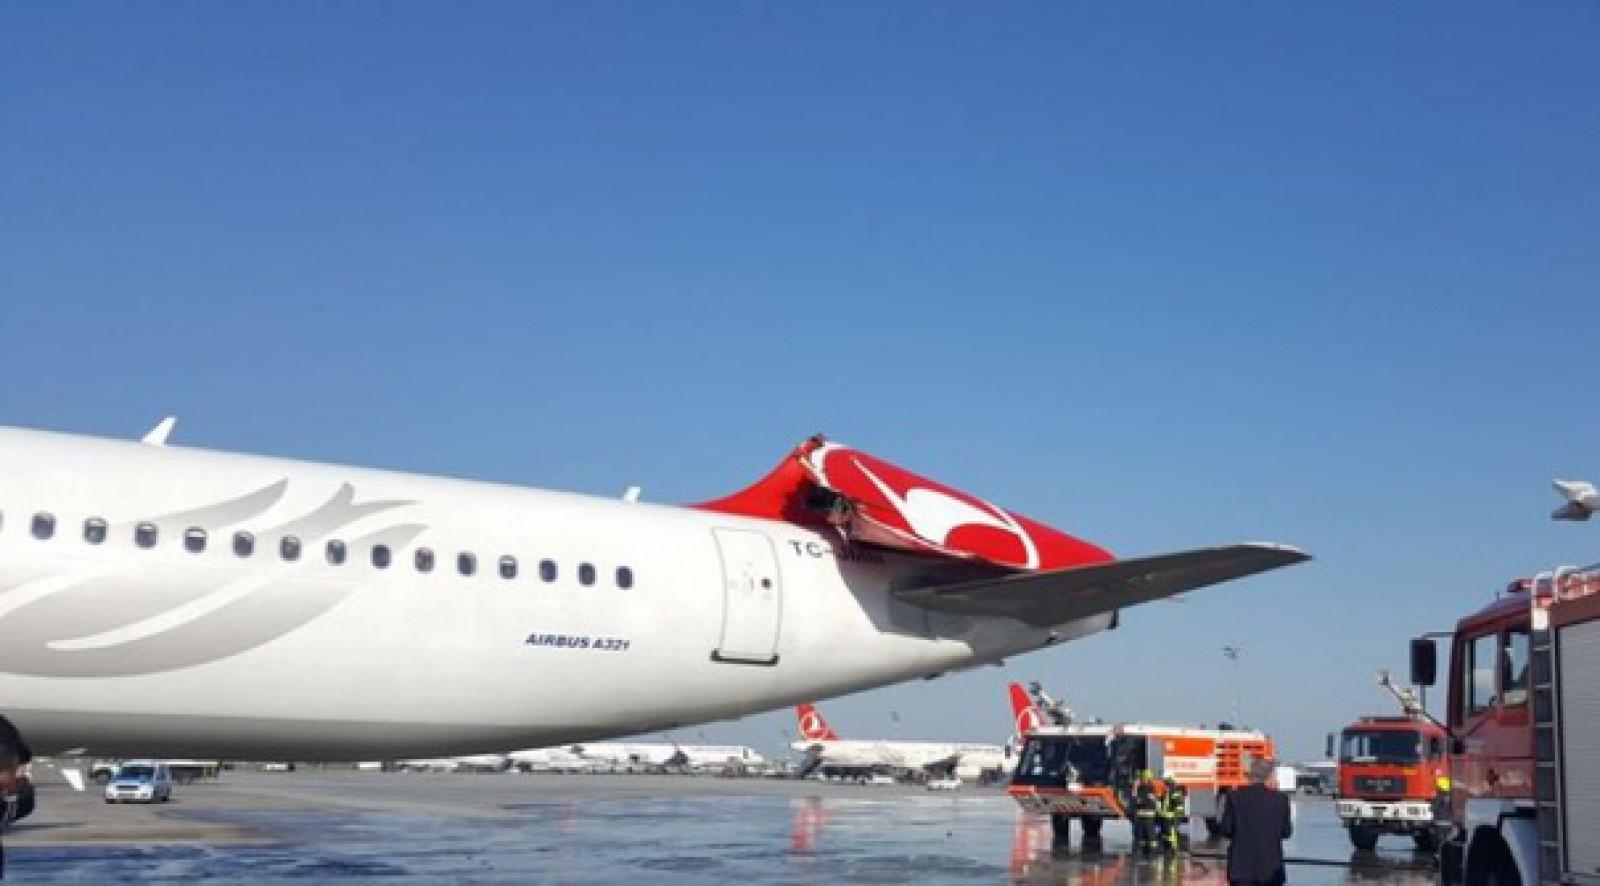 Incident aviatic pe Atatürk. Două aeronave de pasageri s-au ciocnit în timpul rulării pe o pistă a aeroportului din Istanbul